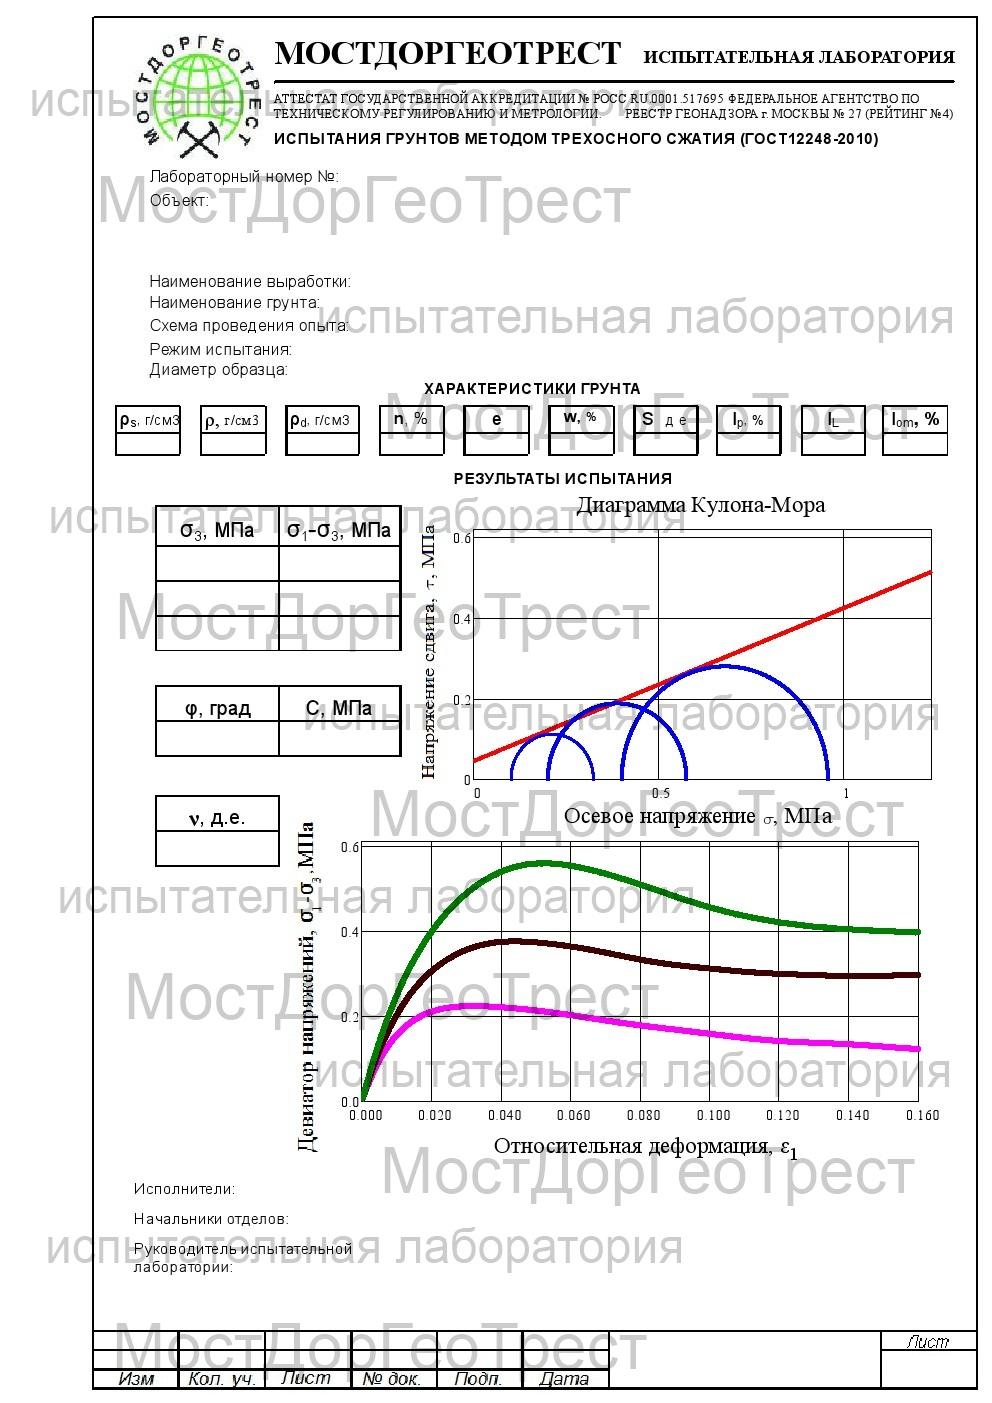 Протокол испытания грунтов методом трёхосного сжатия, определение угла внутреннего трения и удельного сцепления (ГОСТ 12248-2010)